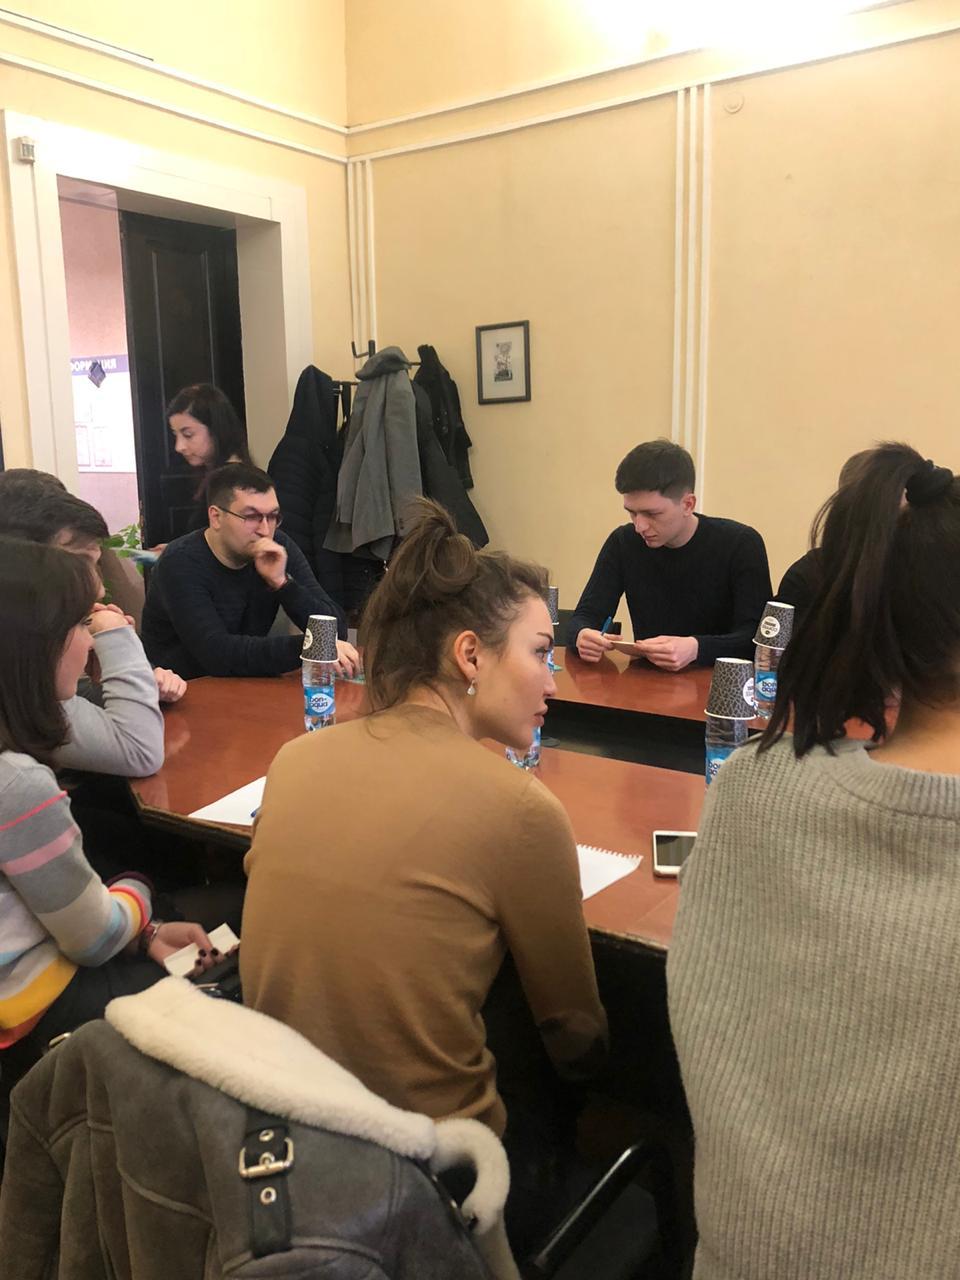 24 декабря 2019 года Фондом поддержки предпринимательства Республики Северная Осетия-Алания организован и проведен семинар «Правовые аспекты экспорта» образовательной программы Российского экспортного центра.